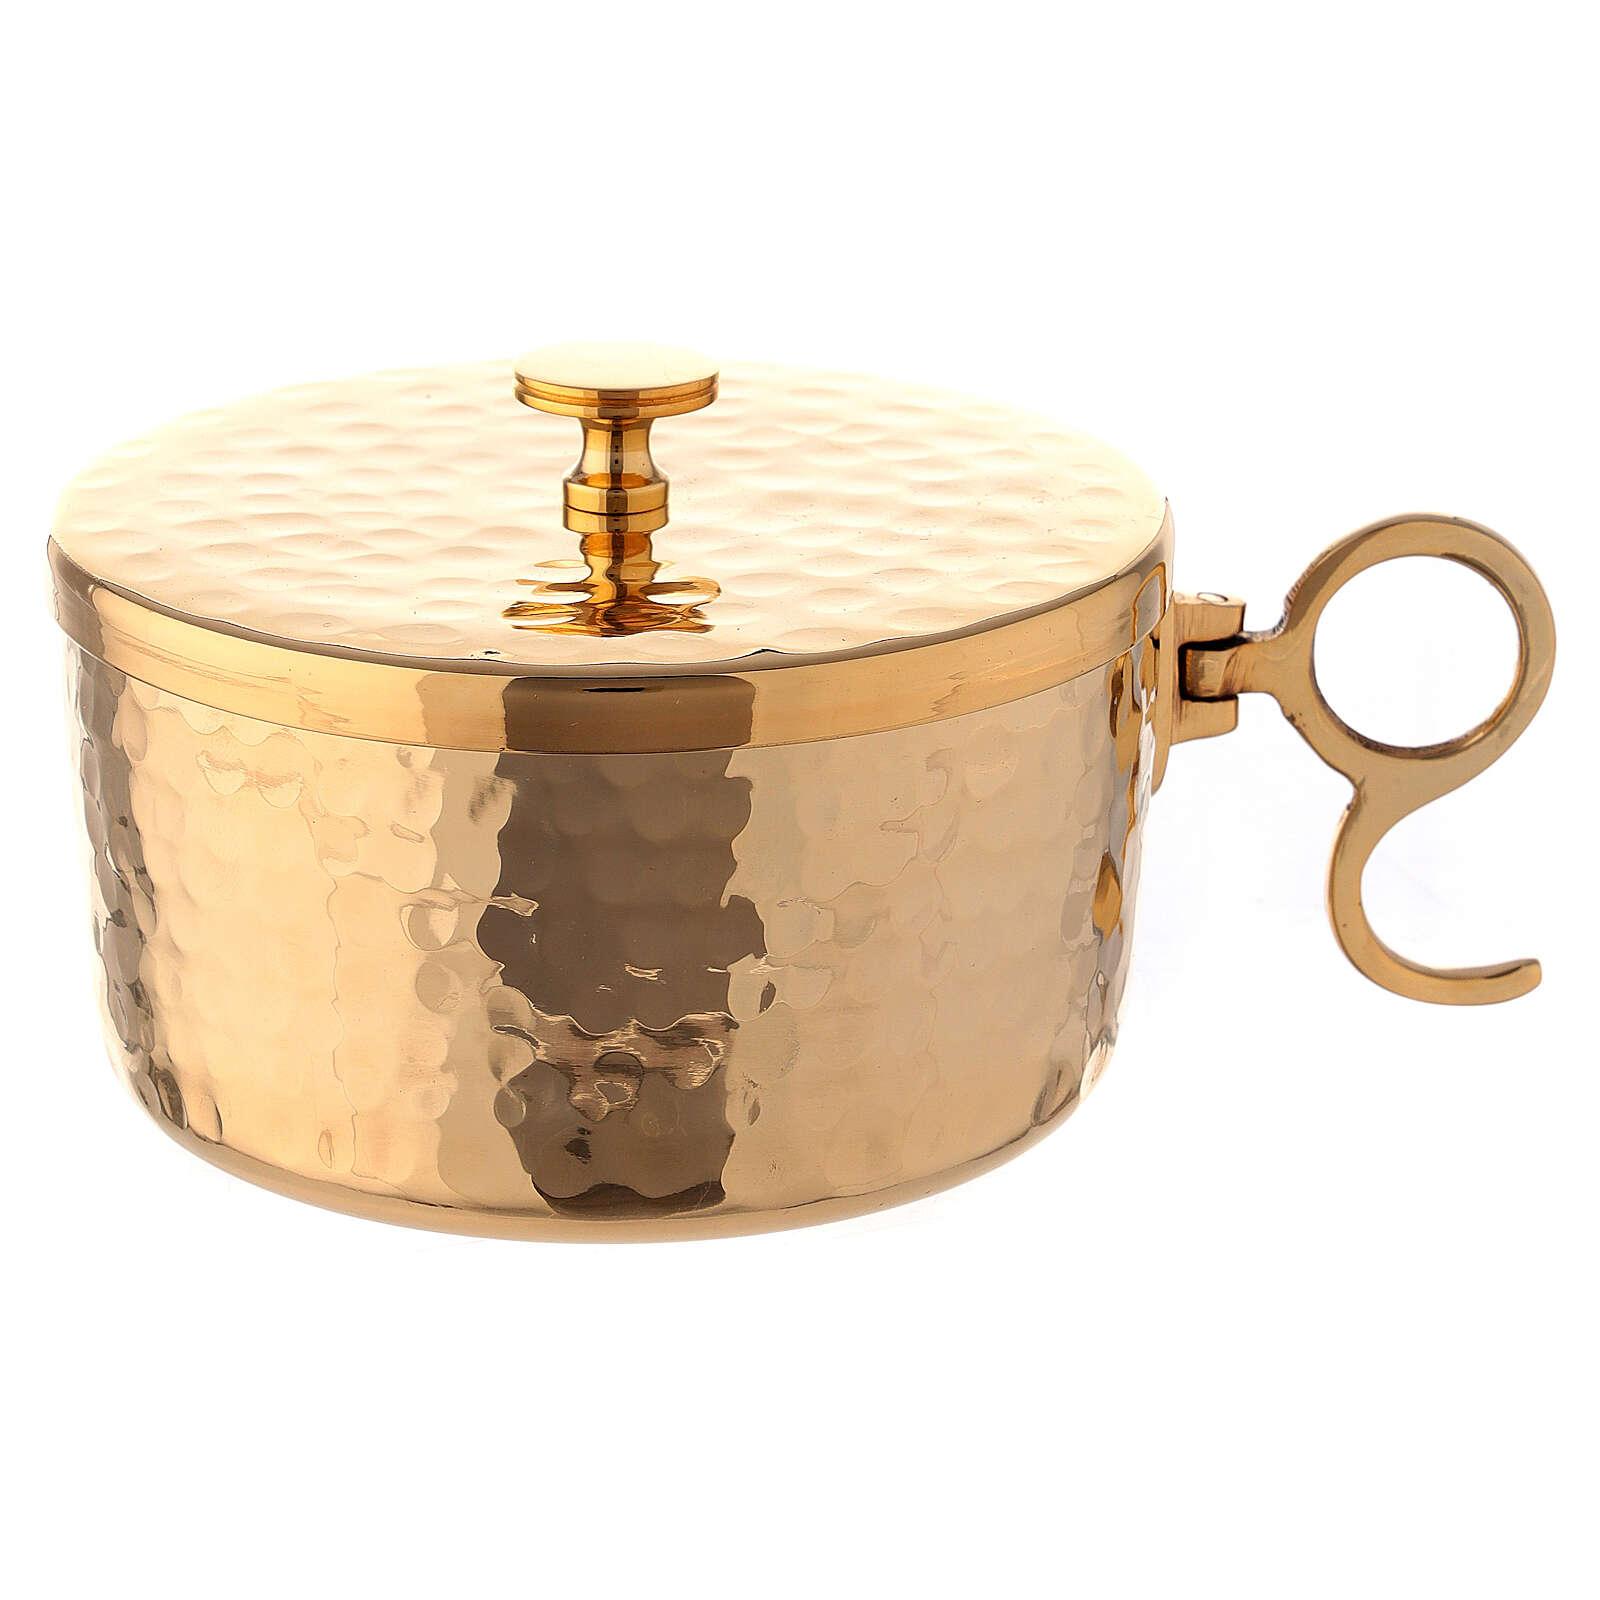 Pisside ottone dorato martellato impilabile d 10 cm 4